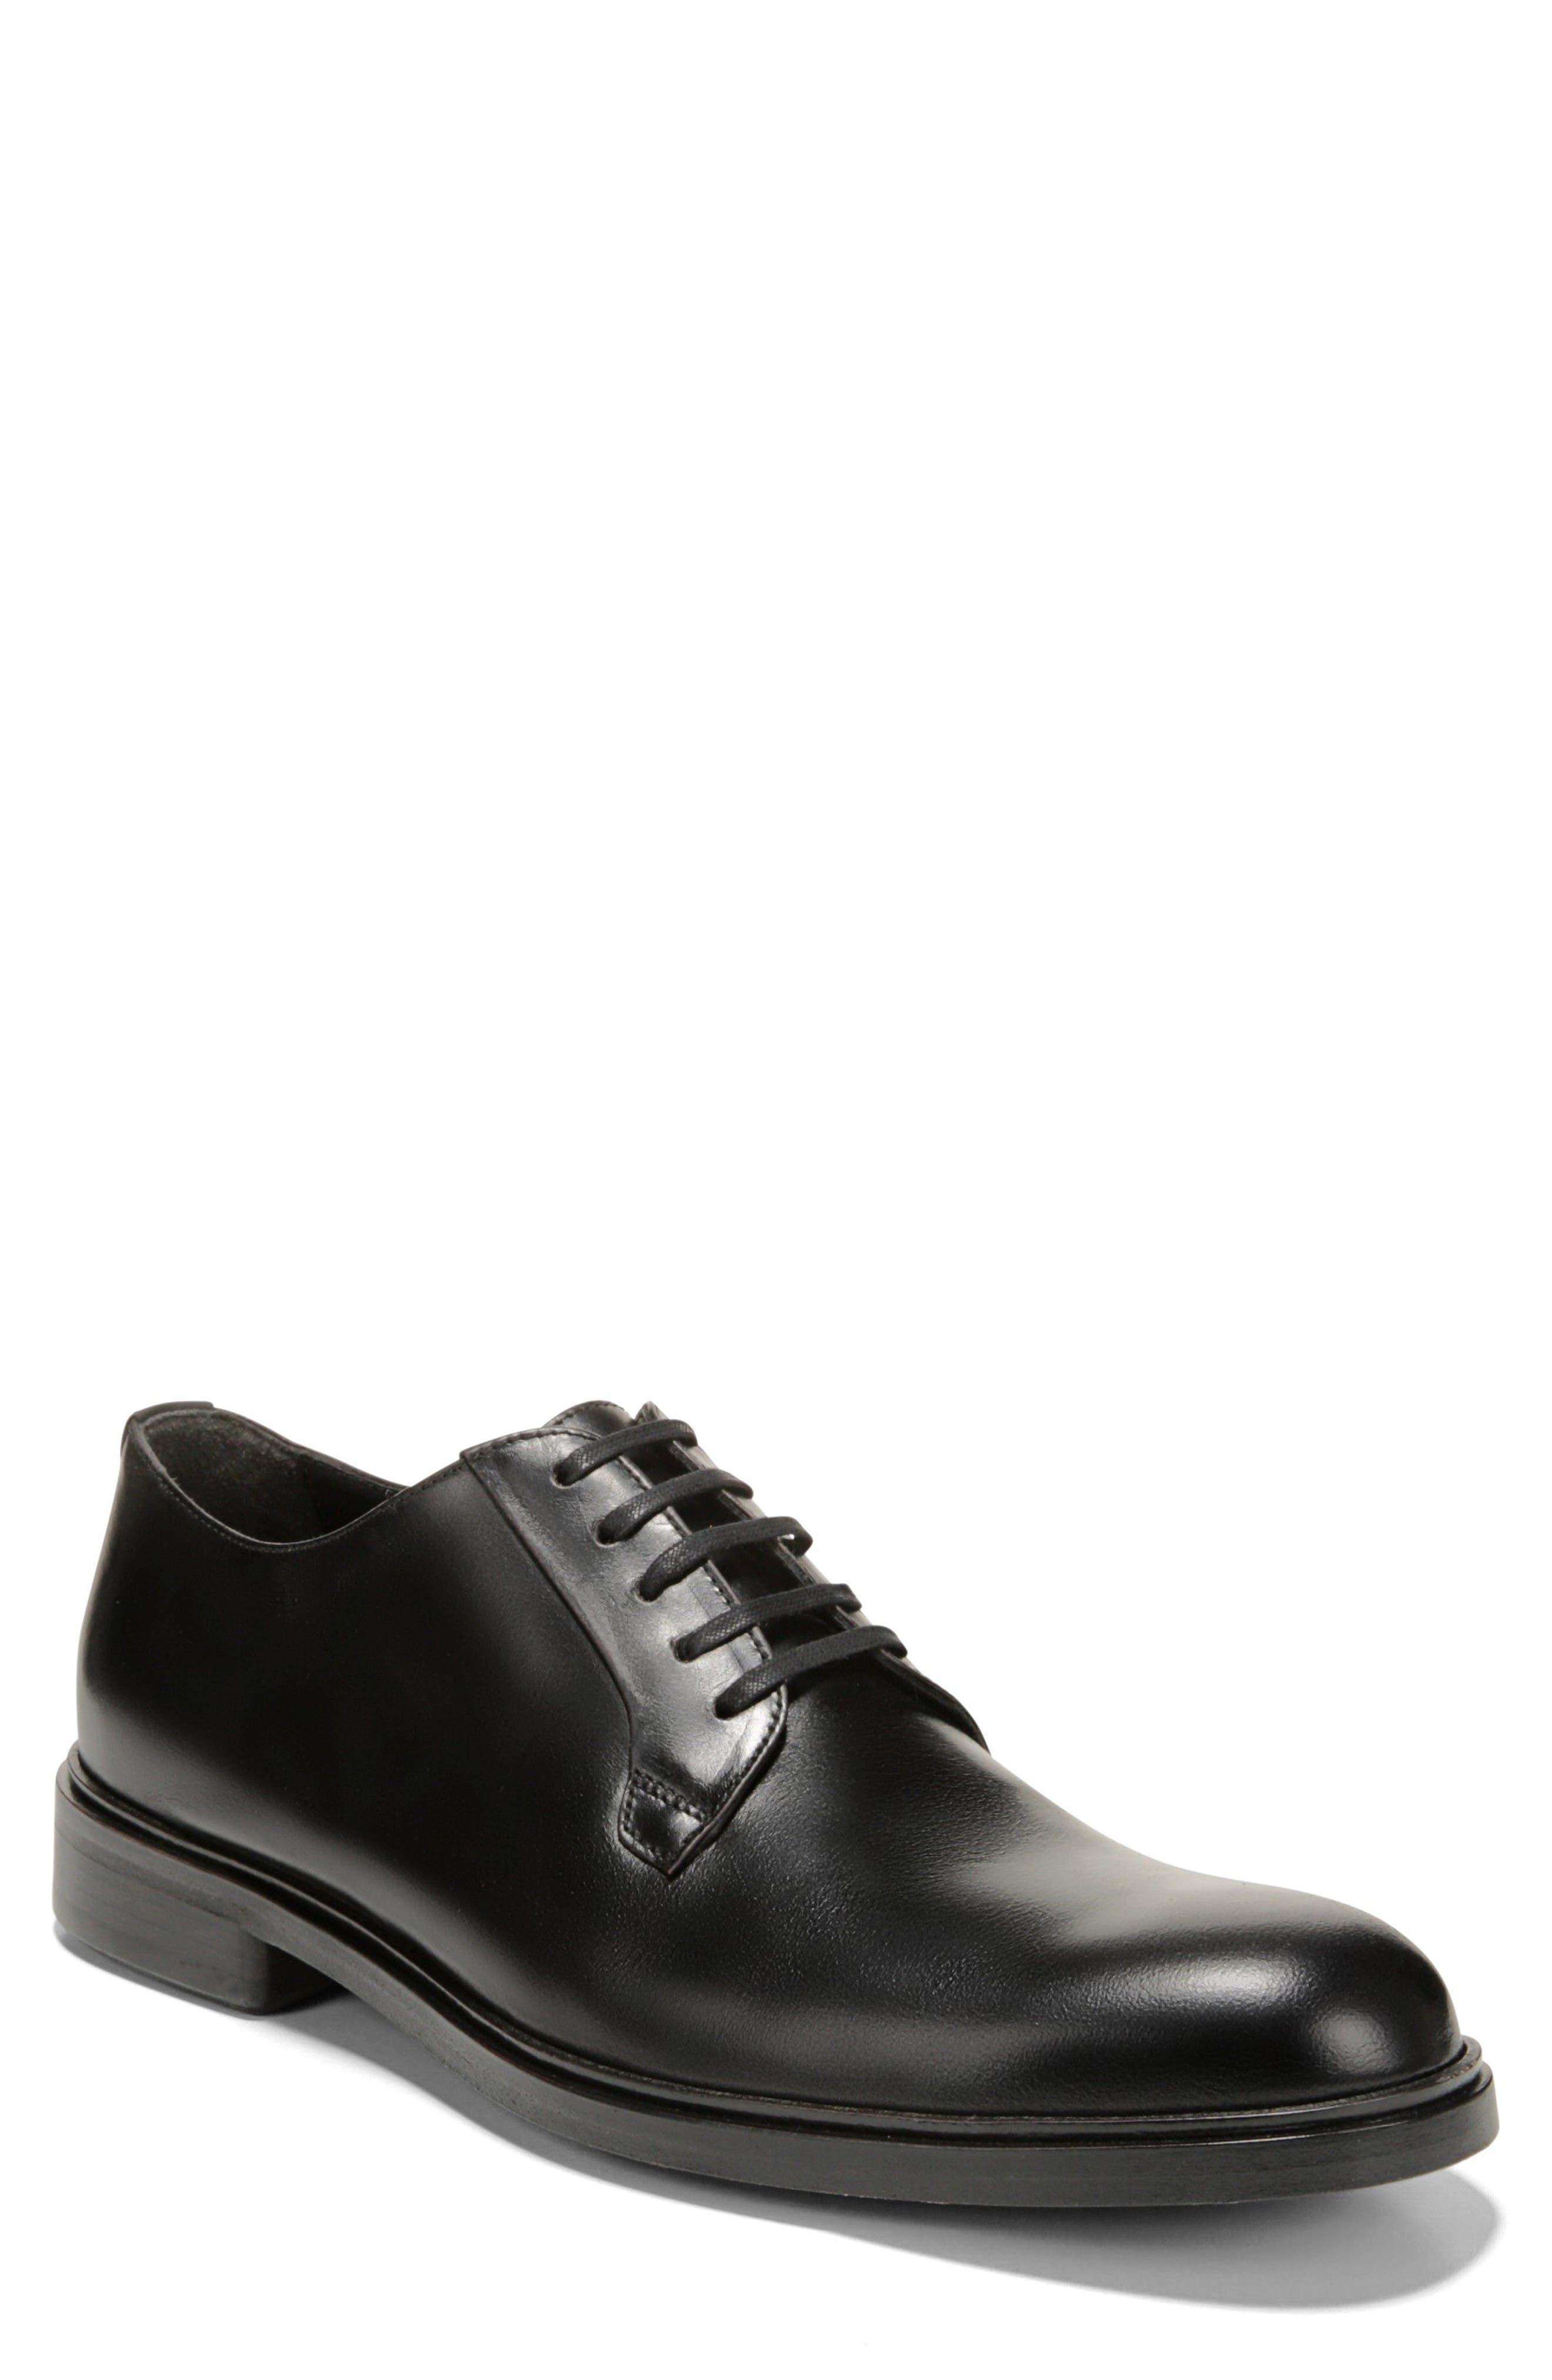 Boreum Plain Toe Derby,                         Main,                         color, BLACK